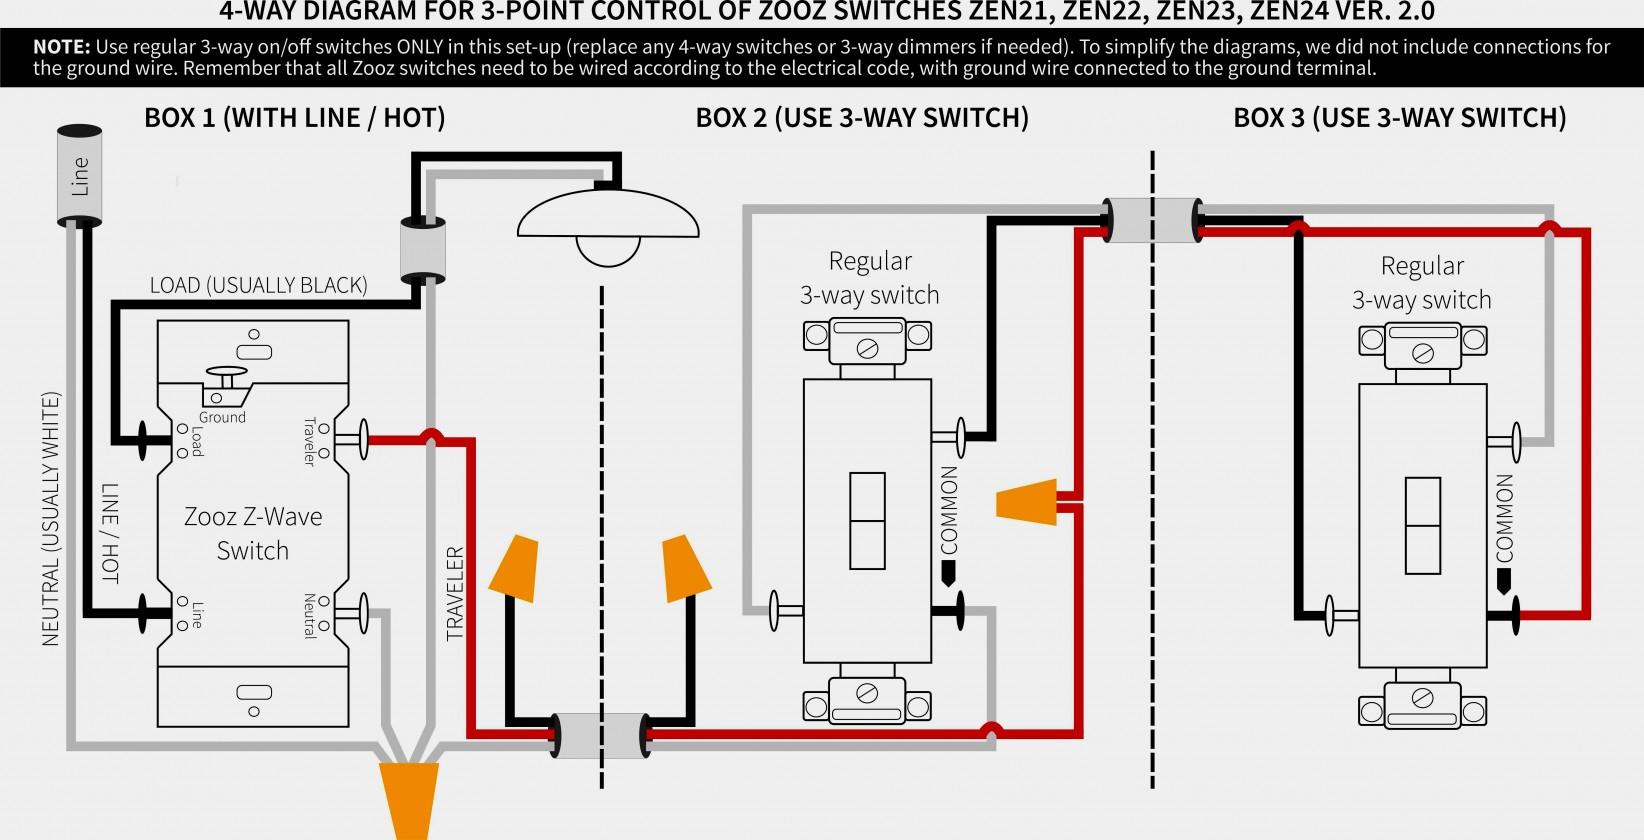 Wiring A 277 Volt 3 Way Switch - Wiring Diagram Blog - 3 Way Dimmer Switch Wiring Diagram